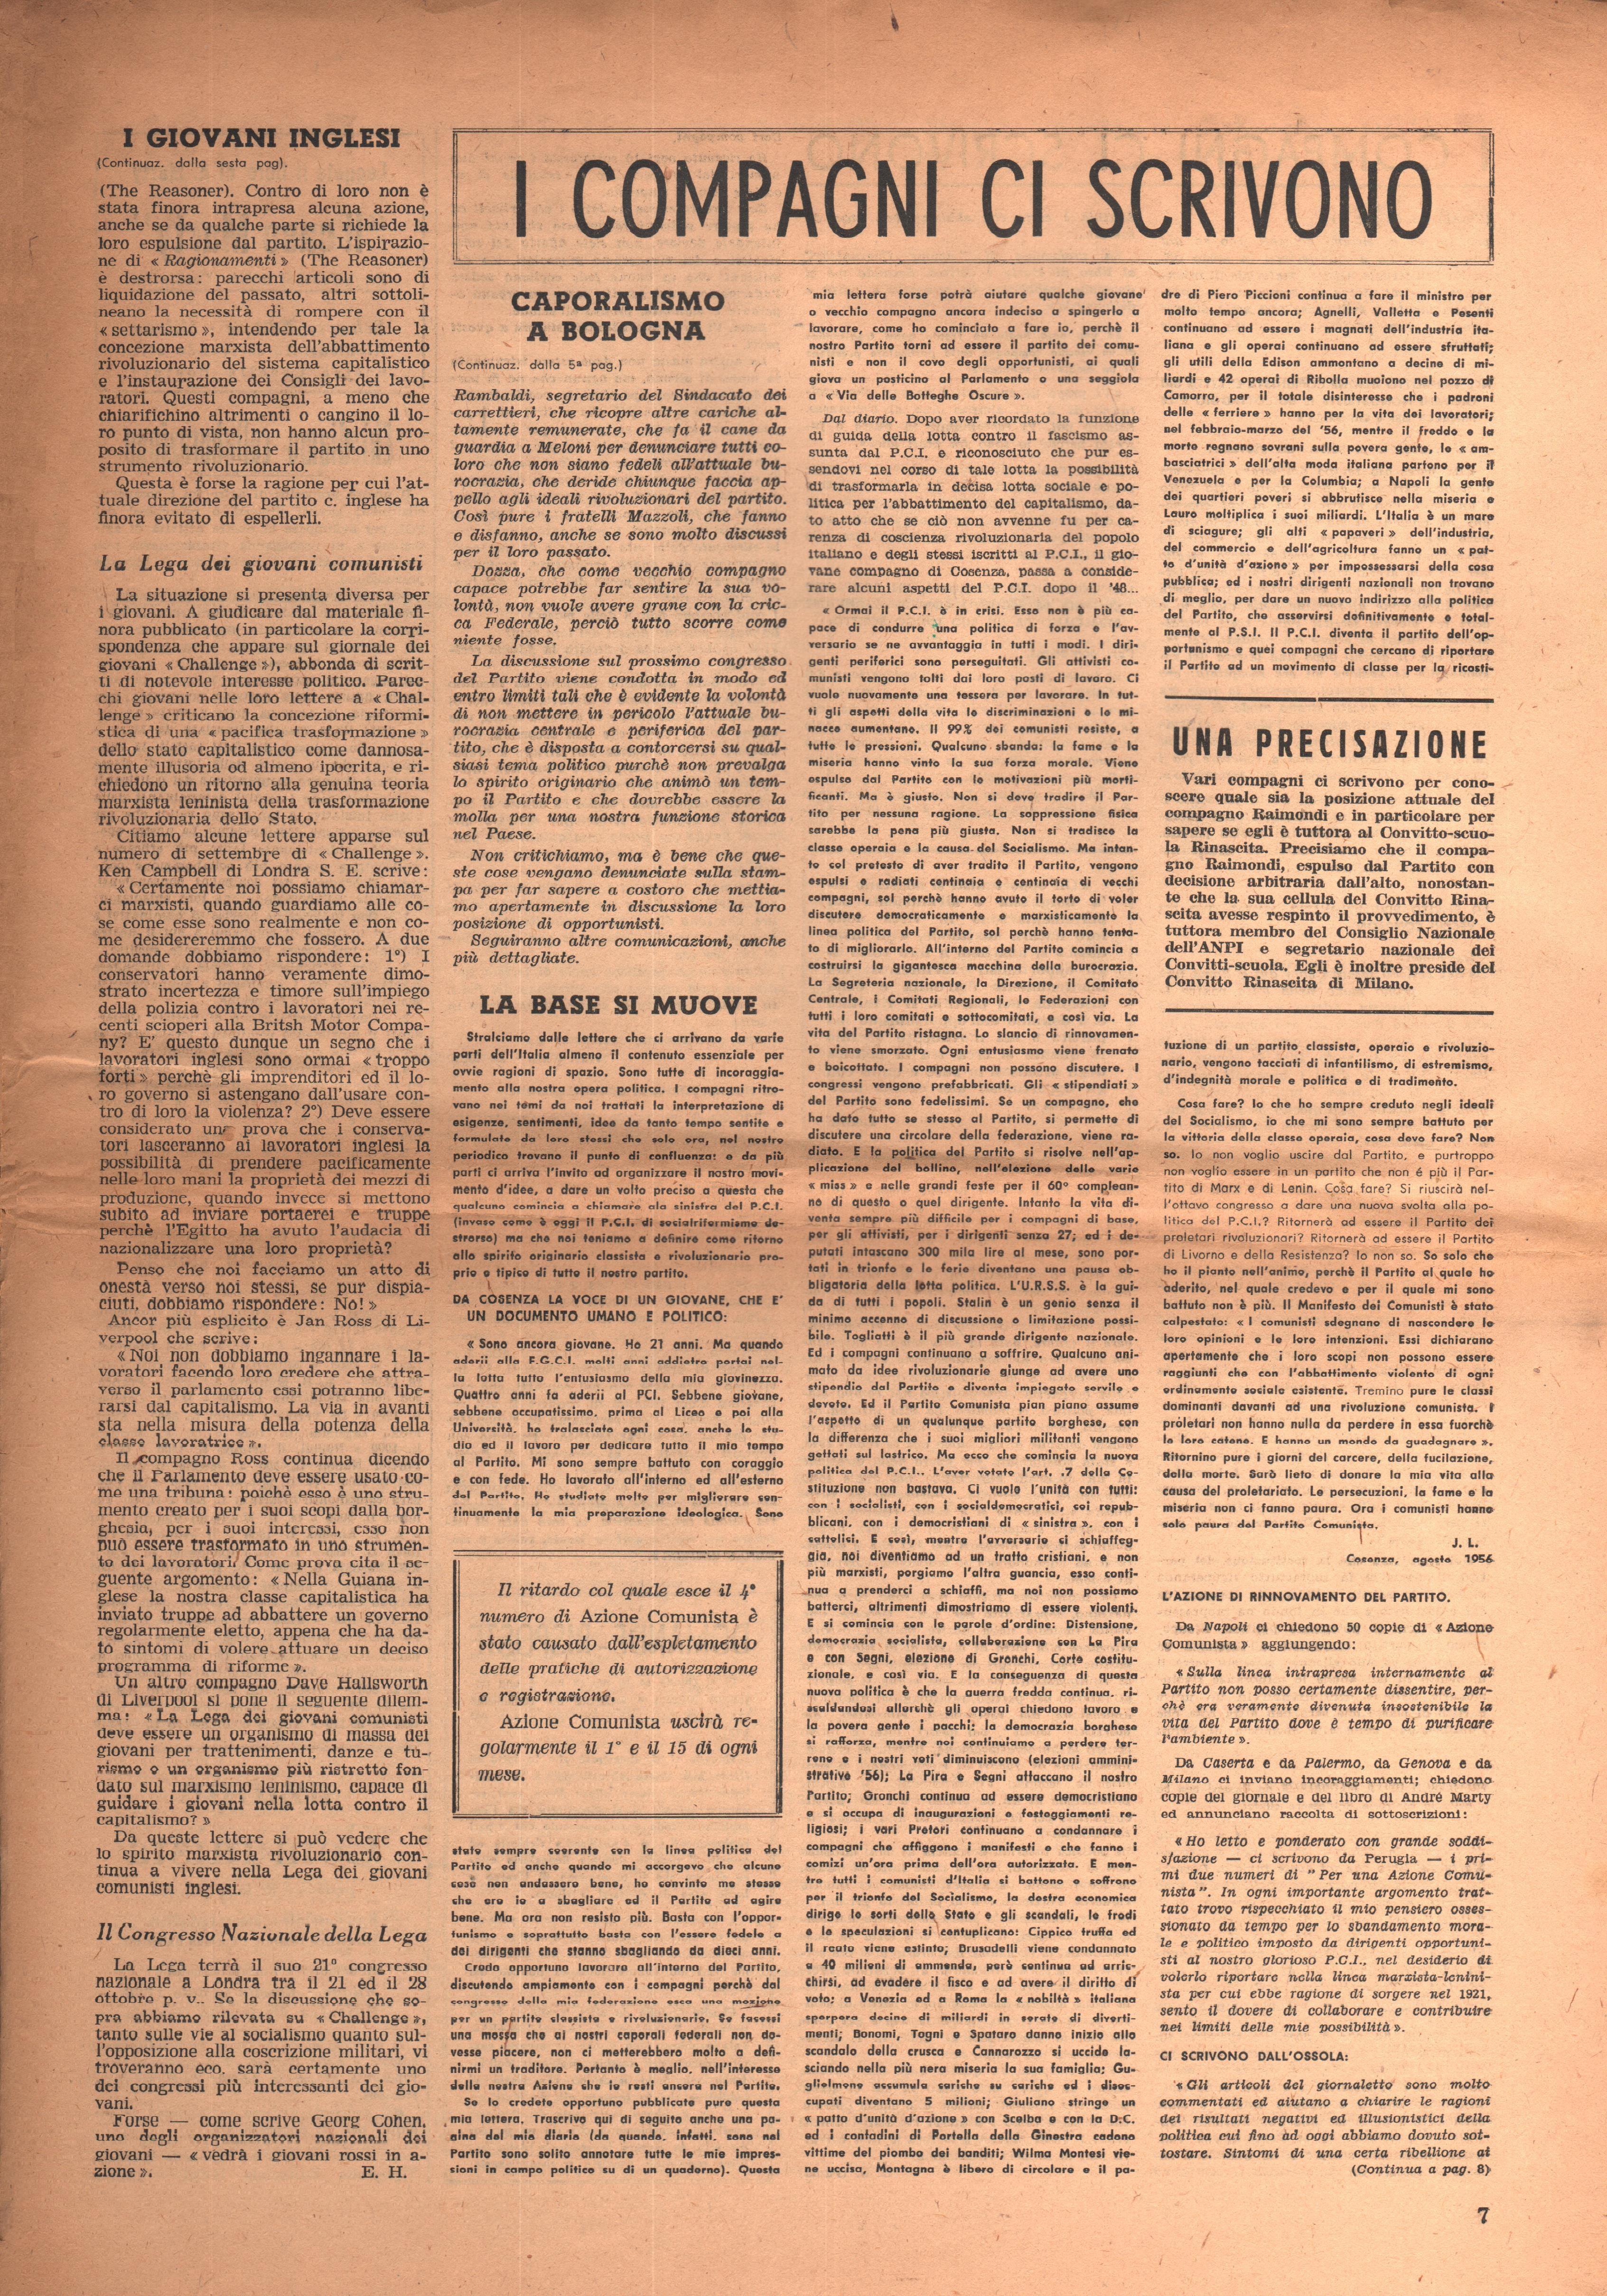 Azione Comunista 4 - pag. 7